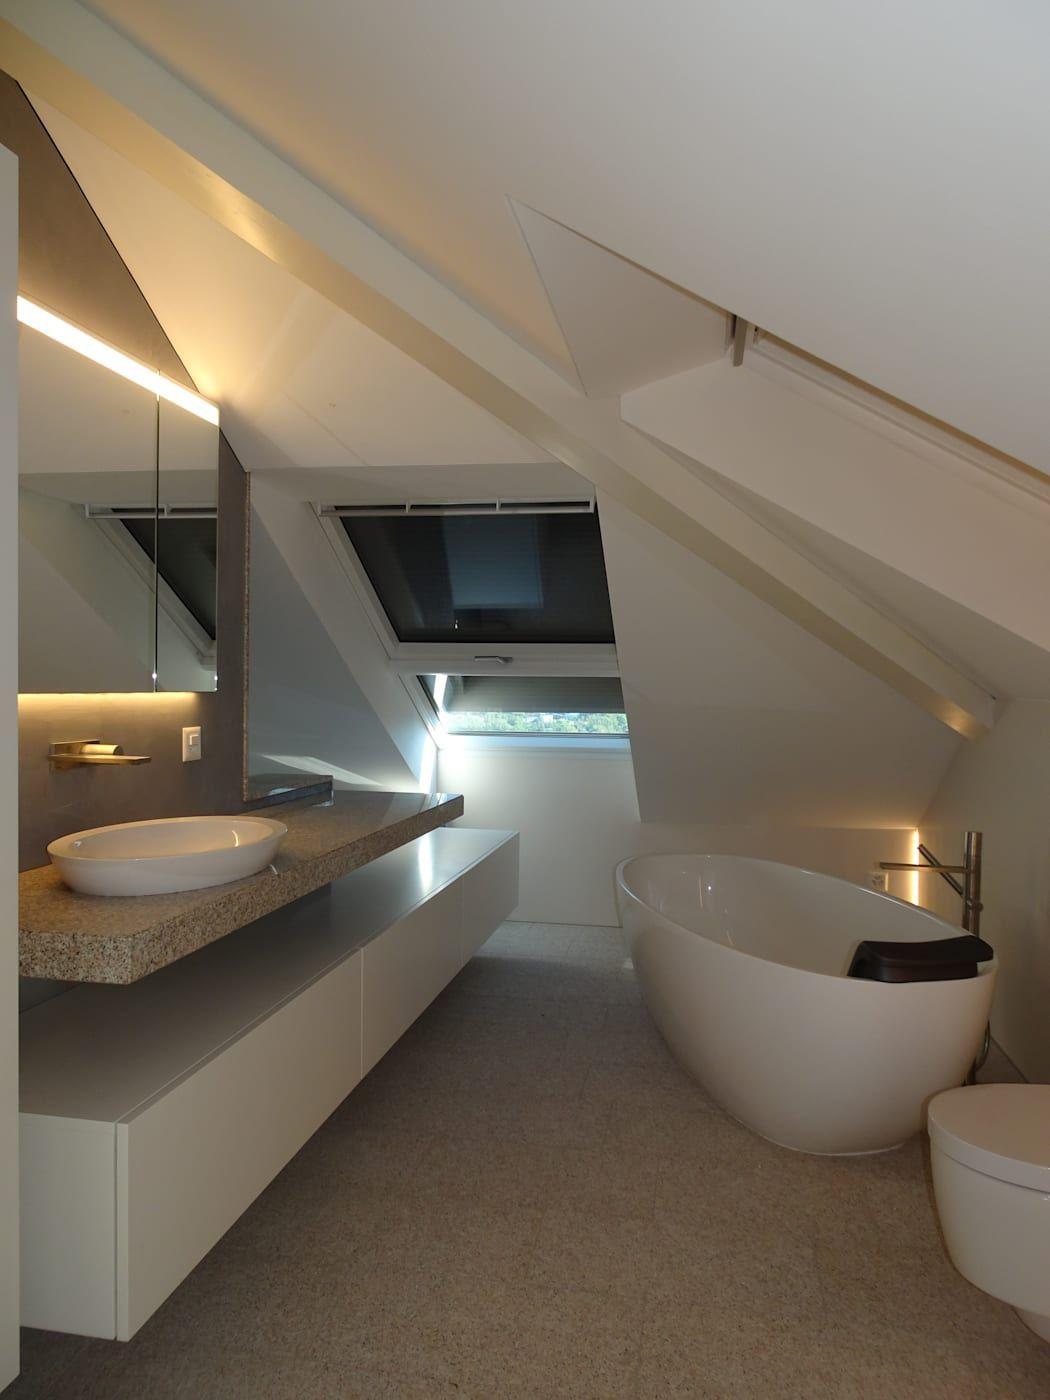 Badezimmer Badmobel Badezimmermobel Badmobel Set Spiegelschrank Bad Badezimmerschrank Badsp In 2020 Loft Conversion With Bathroom Loft Conversion Modern Bathroom